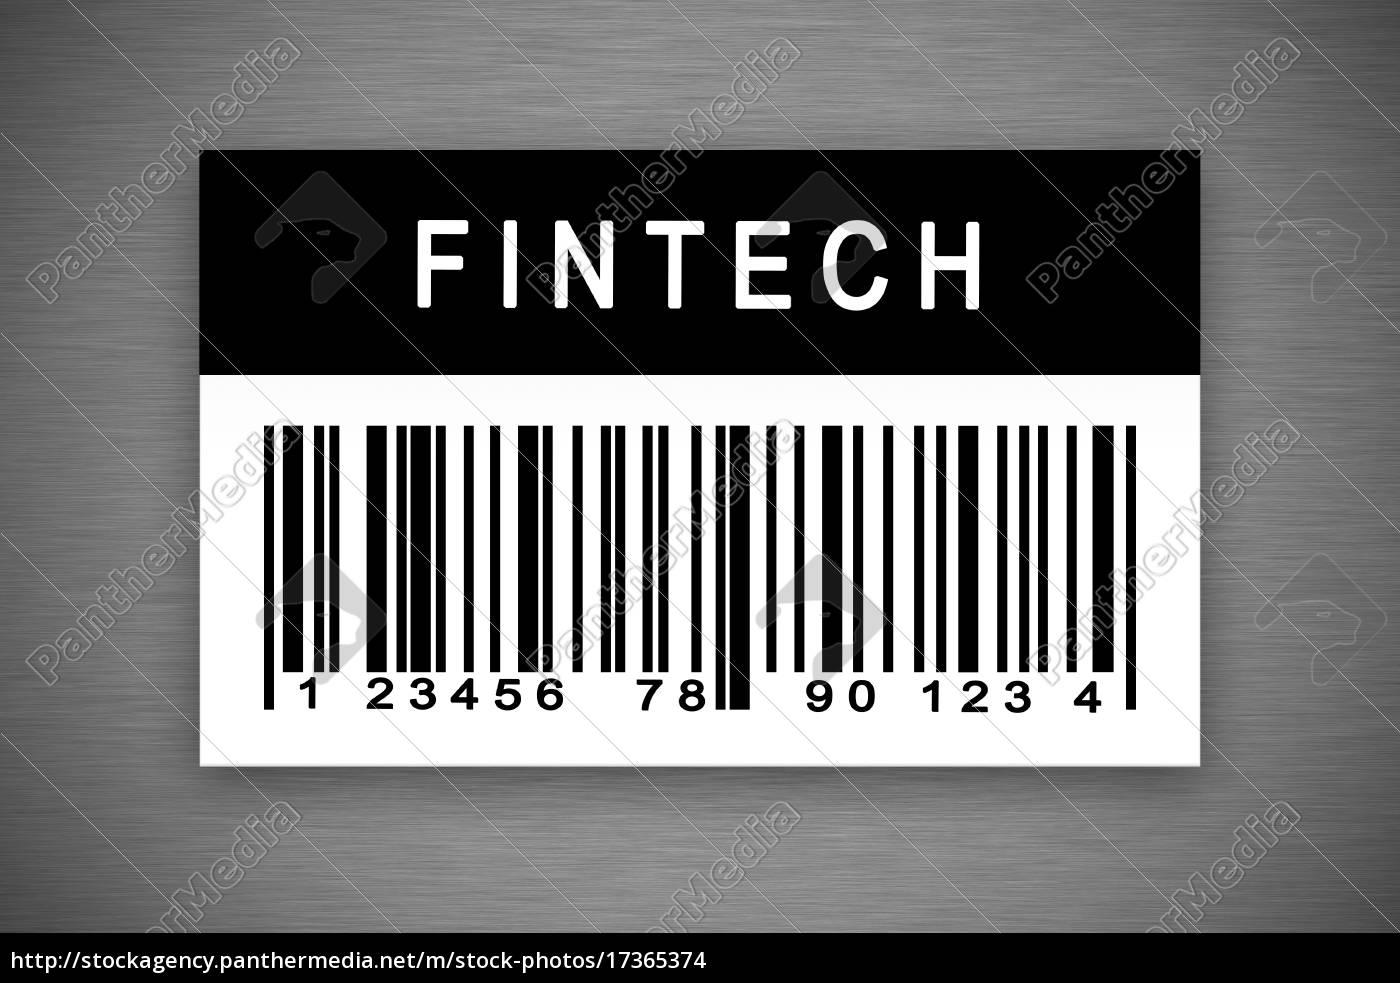 fintech, lub, technologii, finansowej, etykiety, z - 17365374